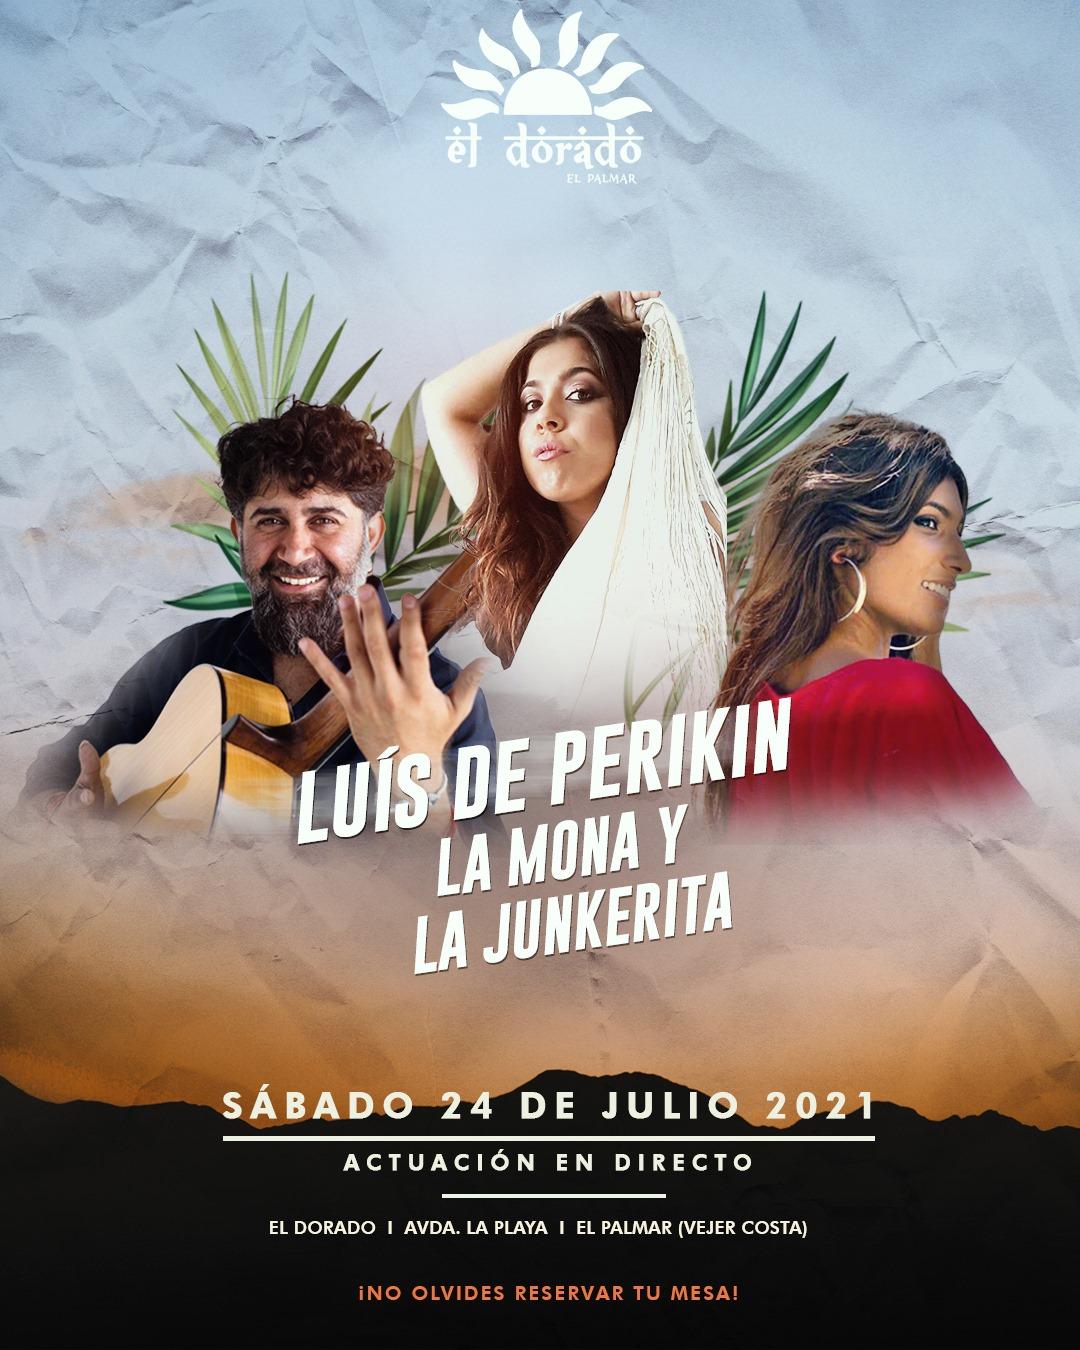 Actuación de Luís de Perikin, La Mona y la Junkerita en El Dorado El Palmar